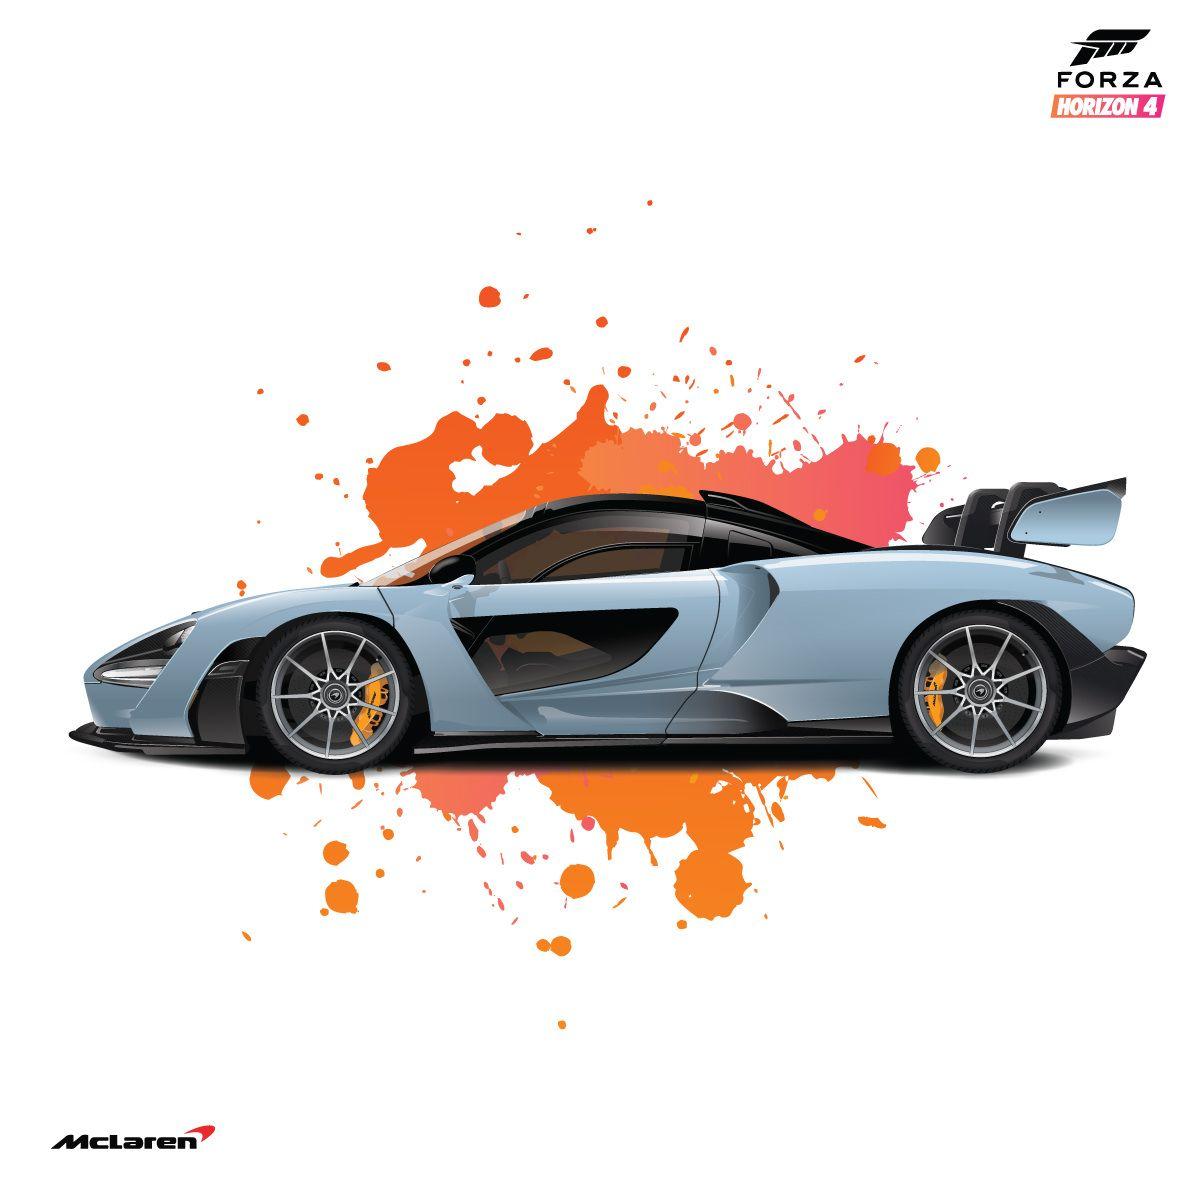 My Forza Horizon 4 Illustration Forza Horizon Forza Horizon 4 Art Cars